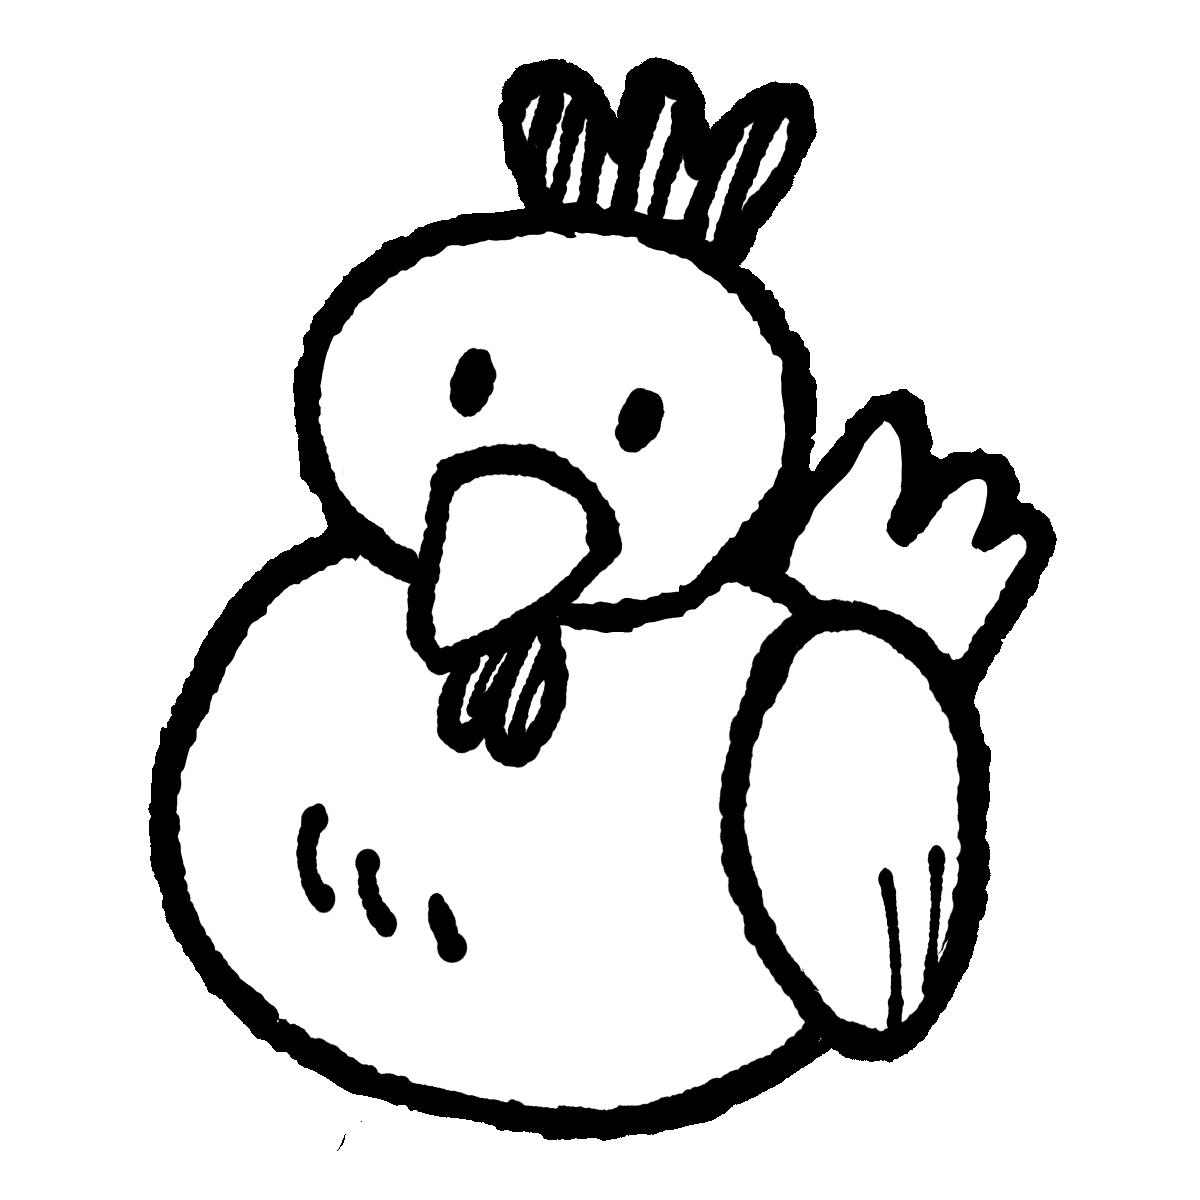 座る鶏のイラスト / Sitting chicken Illustration